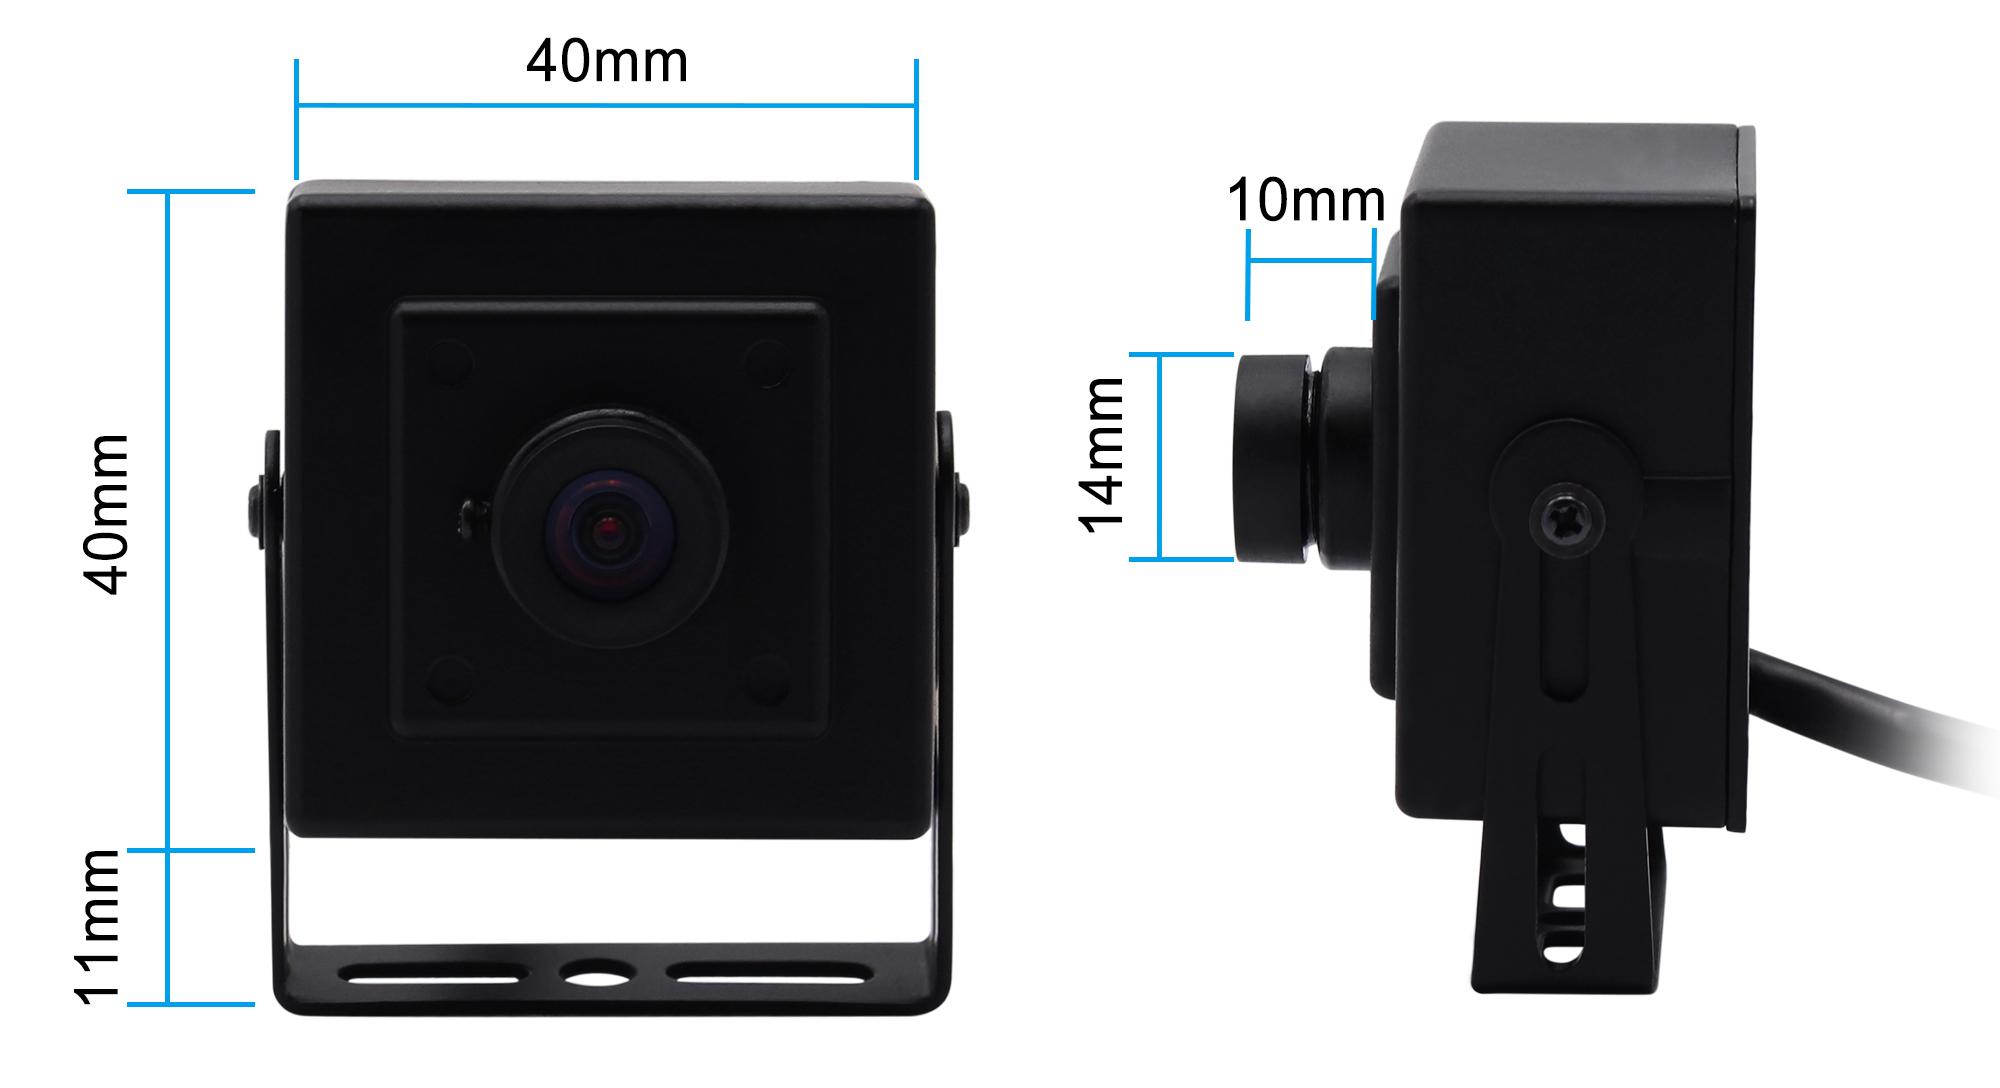 2 in 1 Ispezione Boroscopica HD Fotocamera Flessibile Maneggevole con Luci A 6 LED Regolabili Cavo Serpente 5M per Dispositivo Tablet Android Windows XBRMMM Endoscopio Impermeabile USB